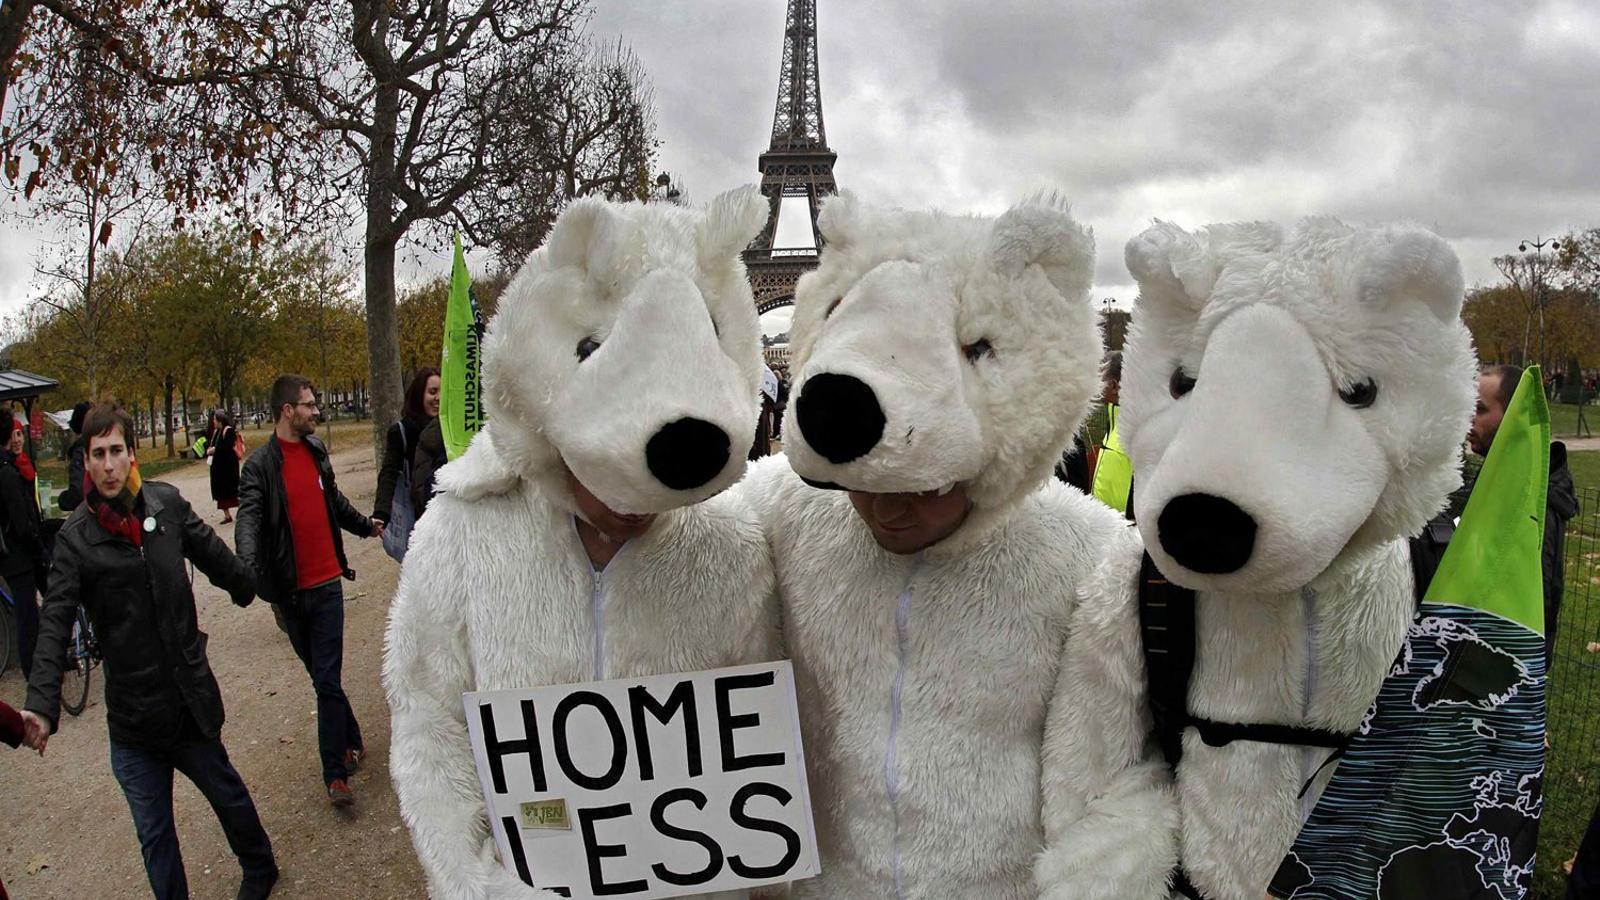 Les ONG es van manifestar ahir davant de la Torre Eiffel, a París, per reclamar als dirigents reunits a la cimera un compromís i un acord ambiciós per lluitar contra el canvi climàtic.